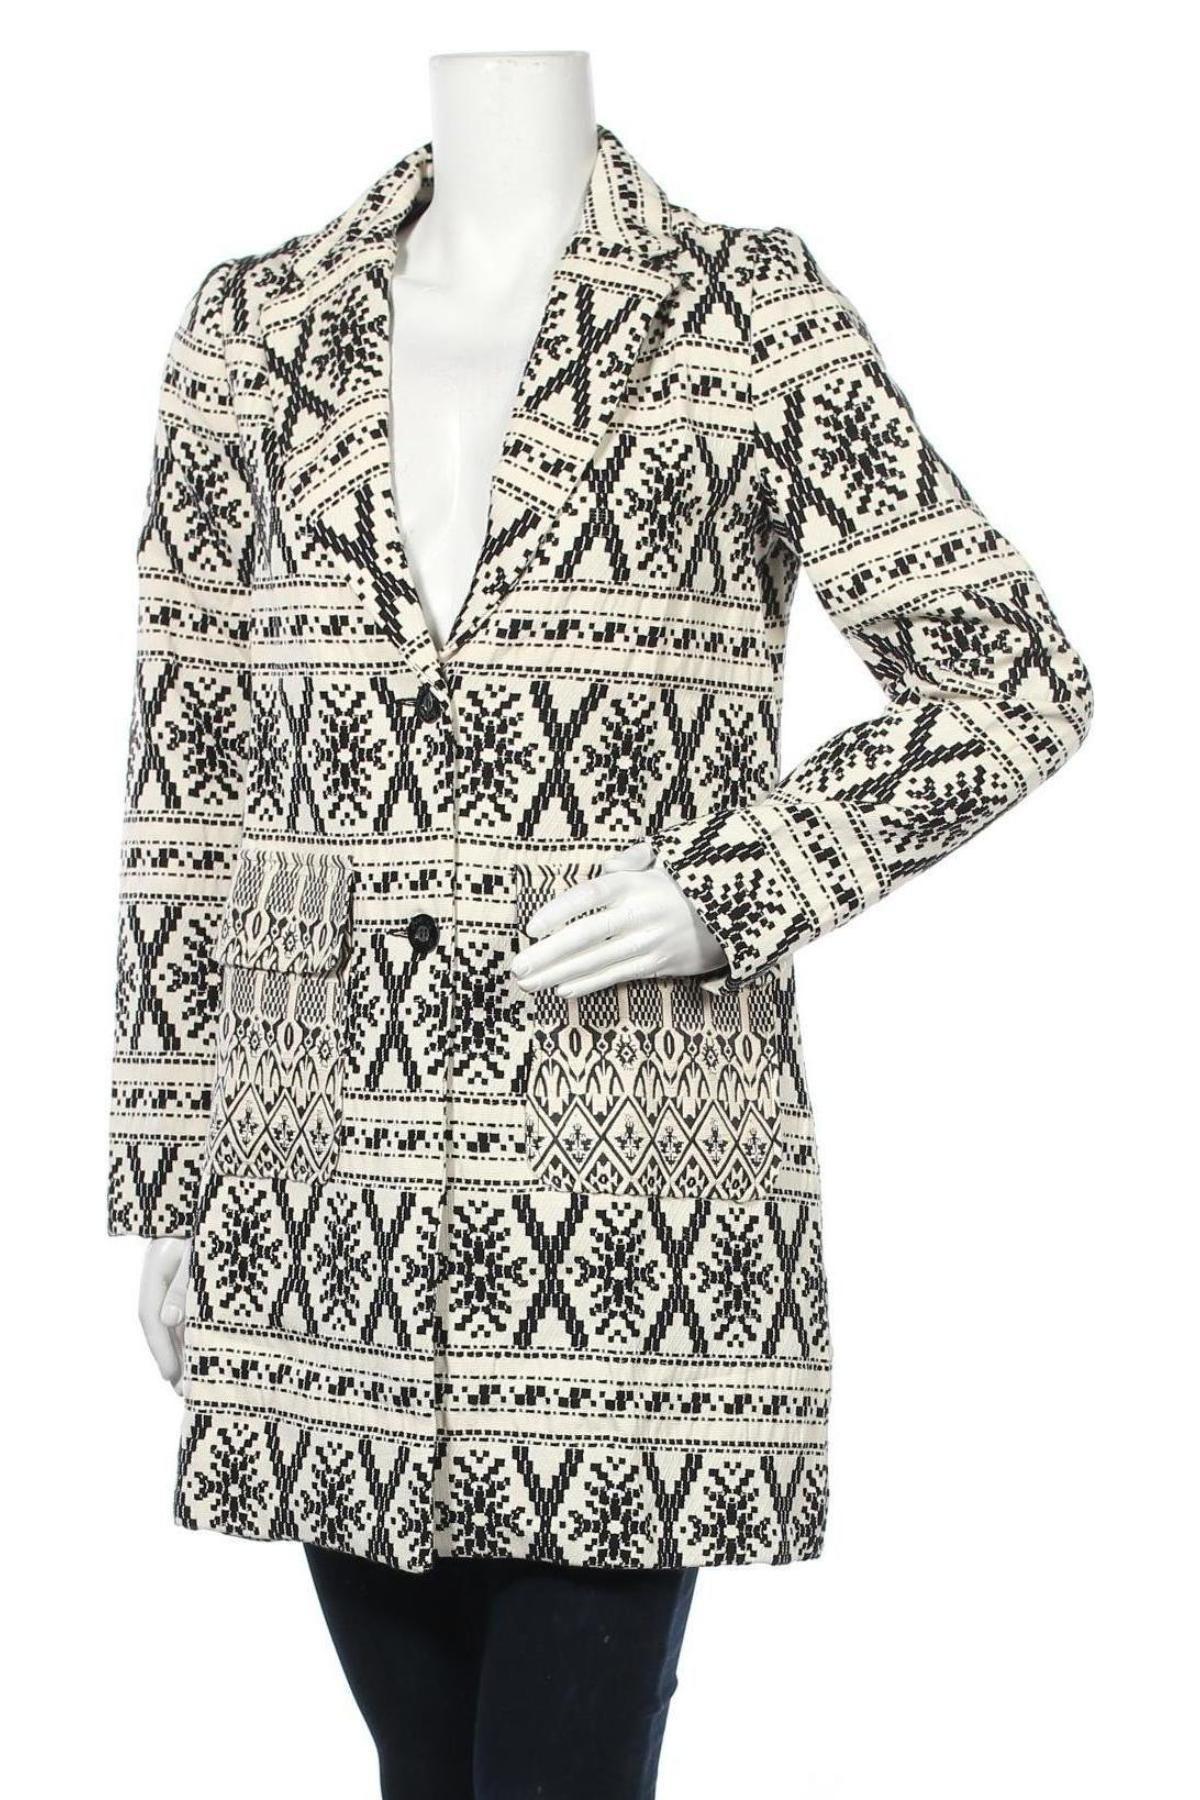 Дамско палто Desigual by Christian Lacroix, Размер L, Цвят Бежов, 94% полиестер, 6% еластан, Цена 119,50лв.